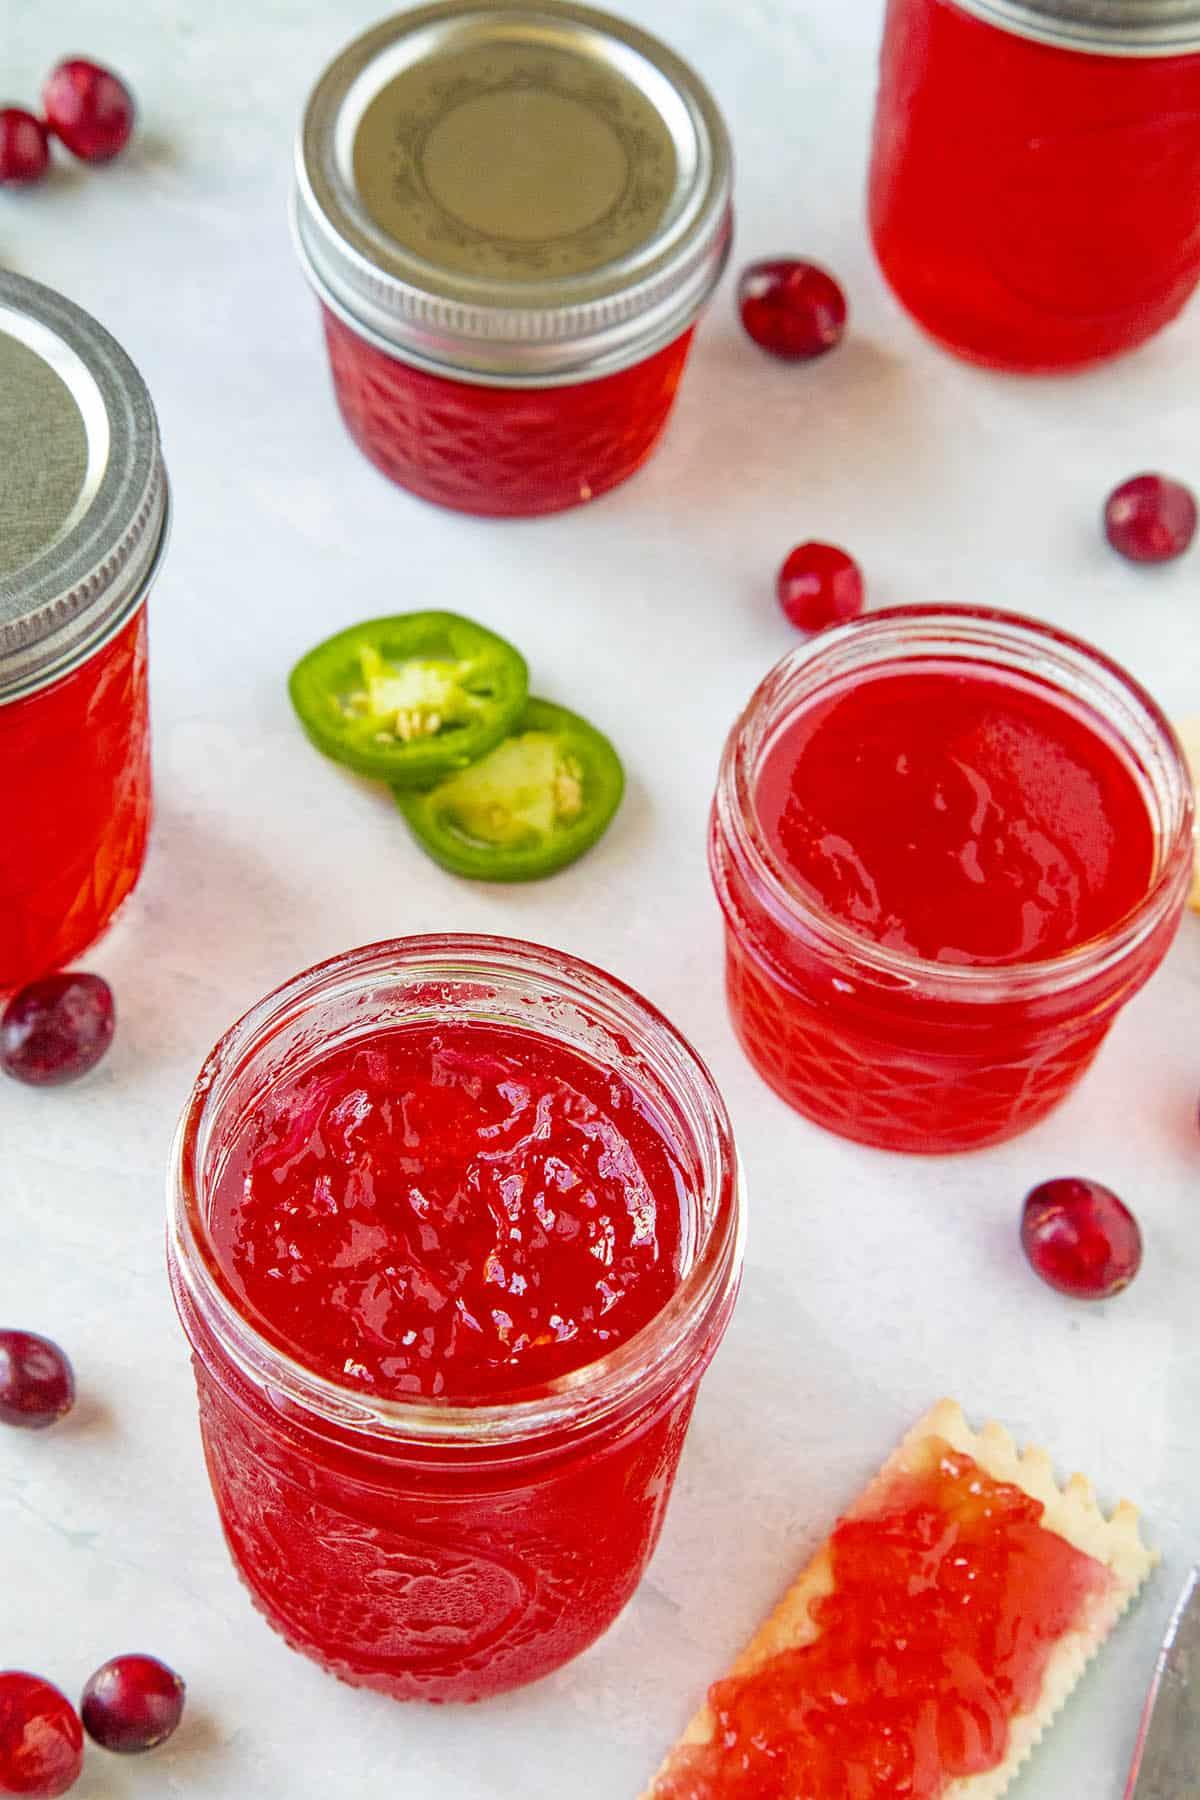 Cranberry Jalapeno Jelly, ready to serve